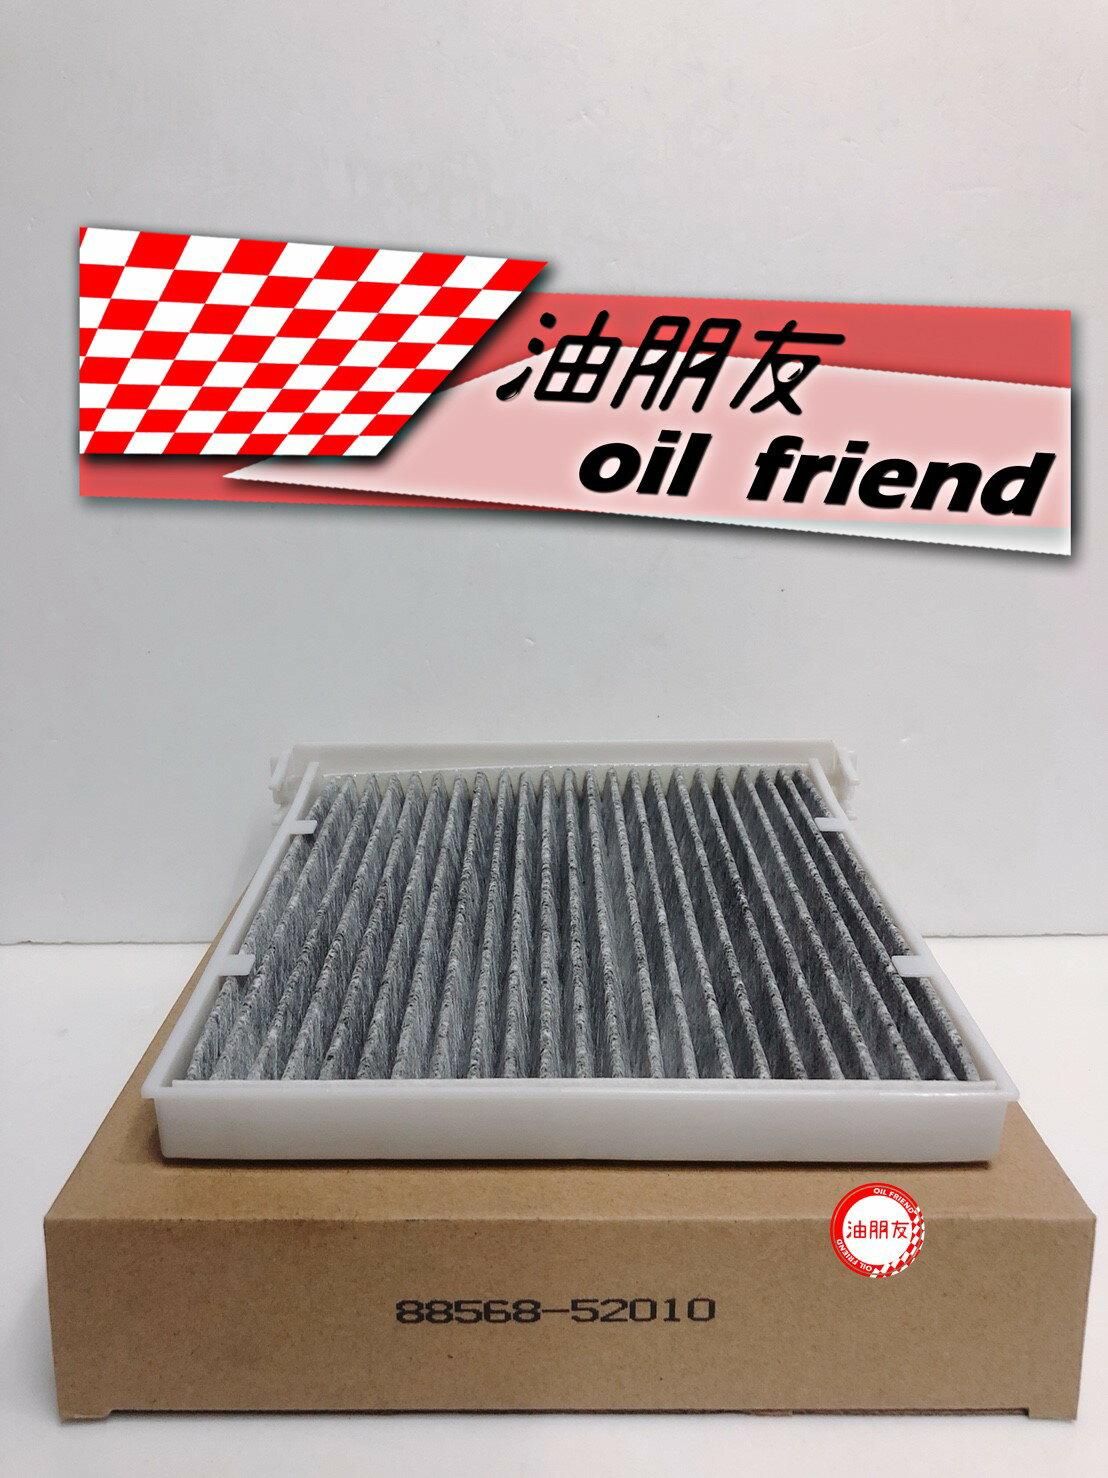 -油朋友- TOYOTA 框架組合 框架 豐田 ALTIS 1.6/1.8 01-07/WISH 2.0 04-09/活性碳冷氣濾網